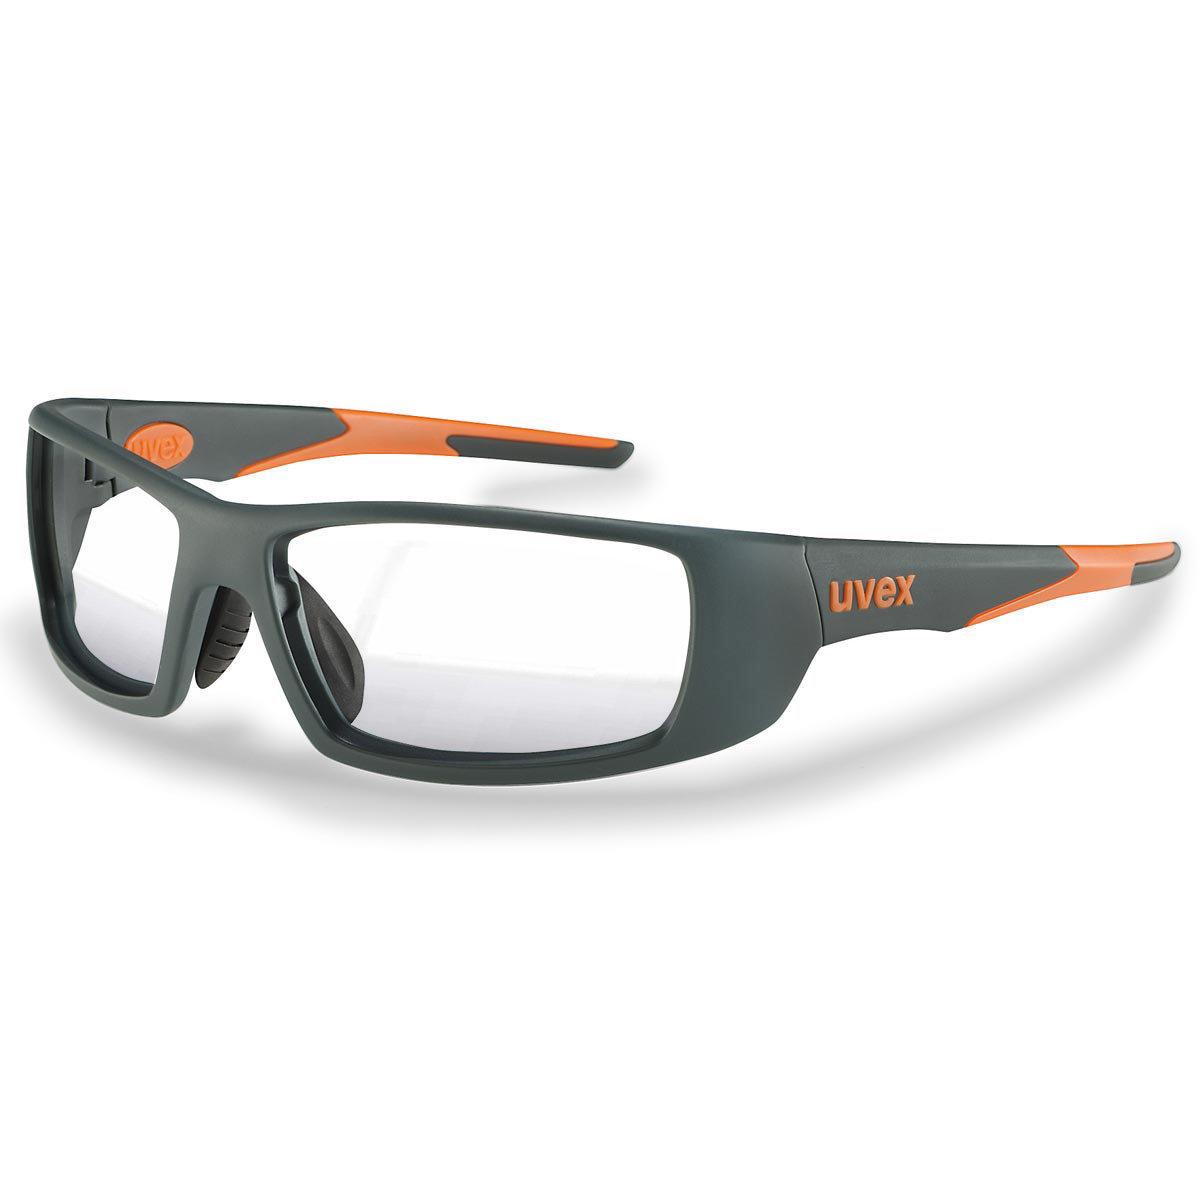 Uvex Korrektionsschutzbrille RX sp 5512 orange - Super-Entspiegelung